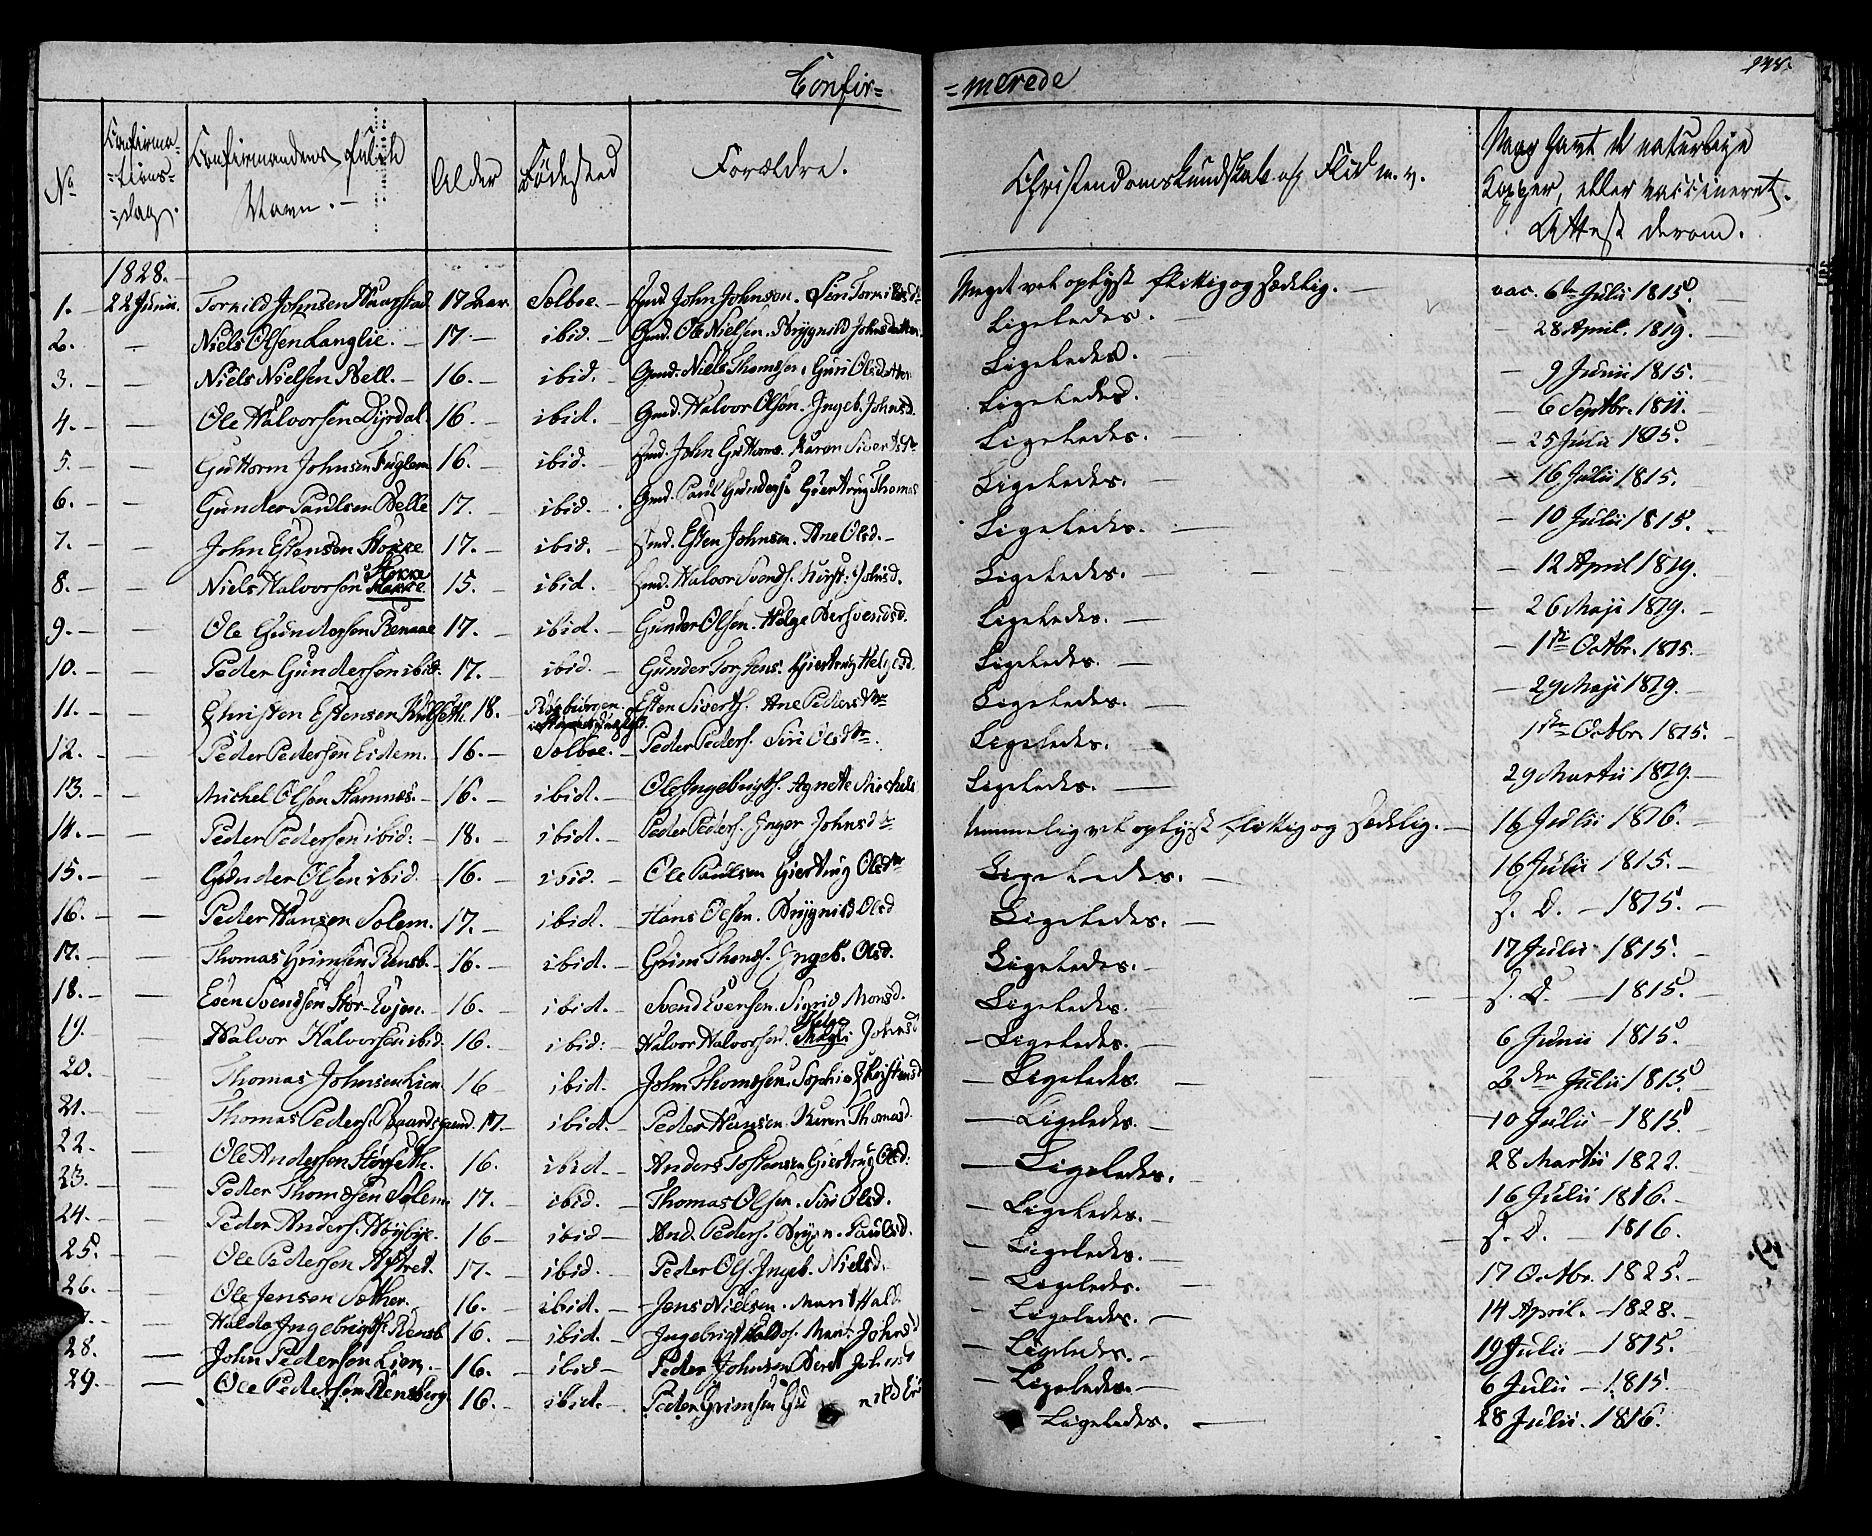 SAT, Ministerialprotokoller, klokkerbøker og fødselsregistre - Sør-Trøndelag, 695/L1143: Ministerialbok nr. 695A05 /1, 1824-1842, s. 248